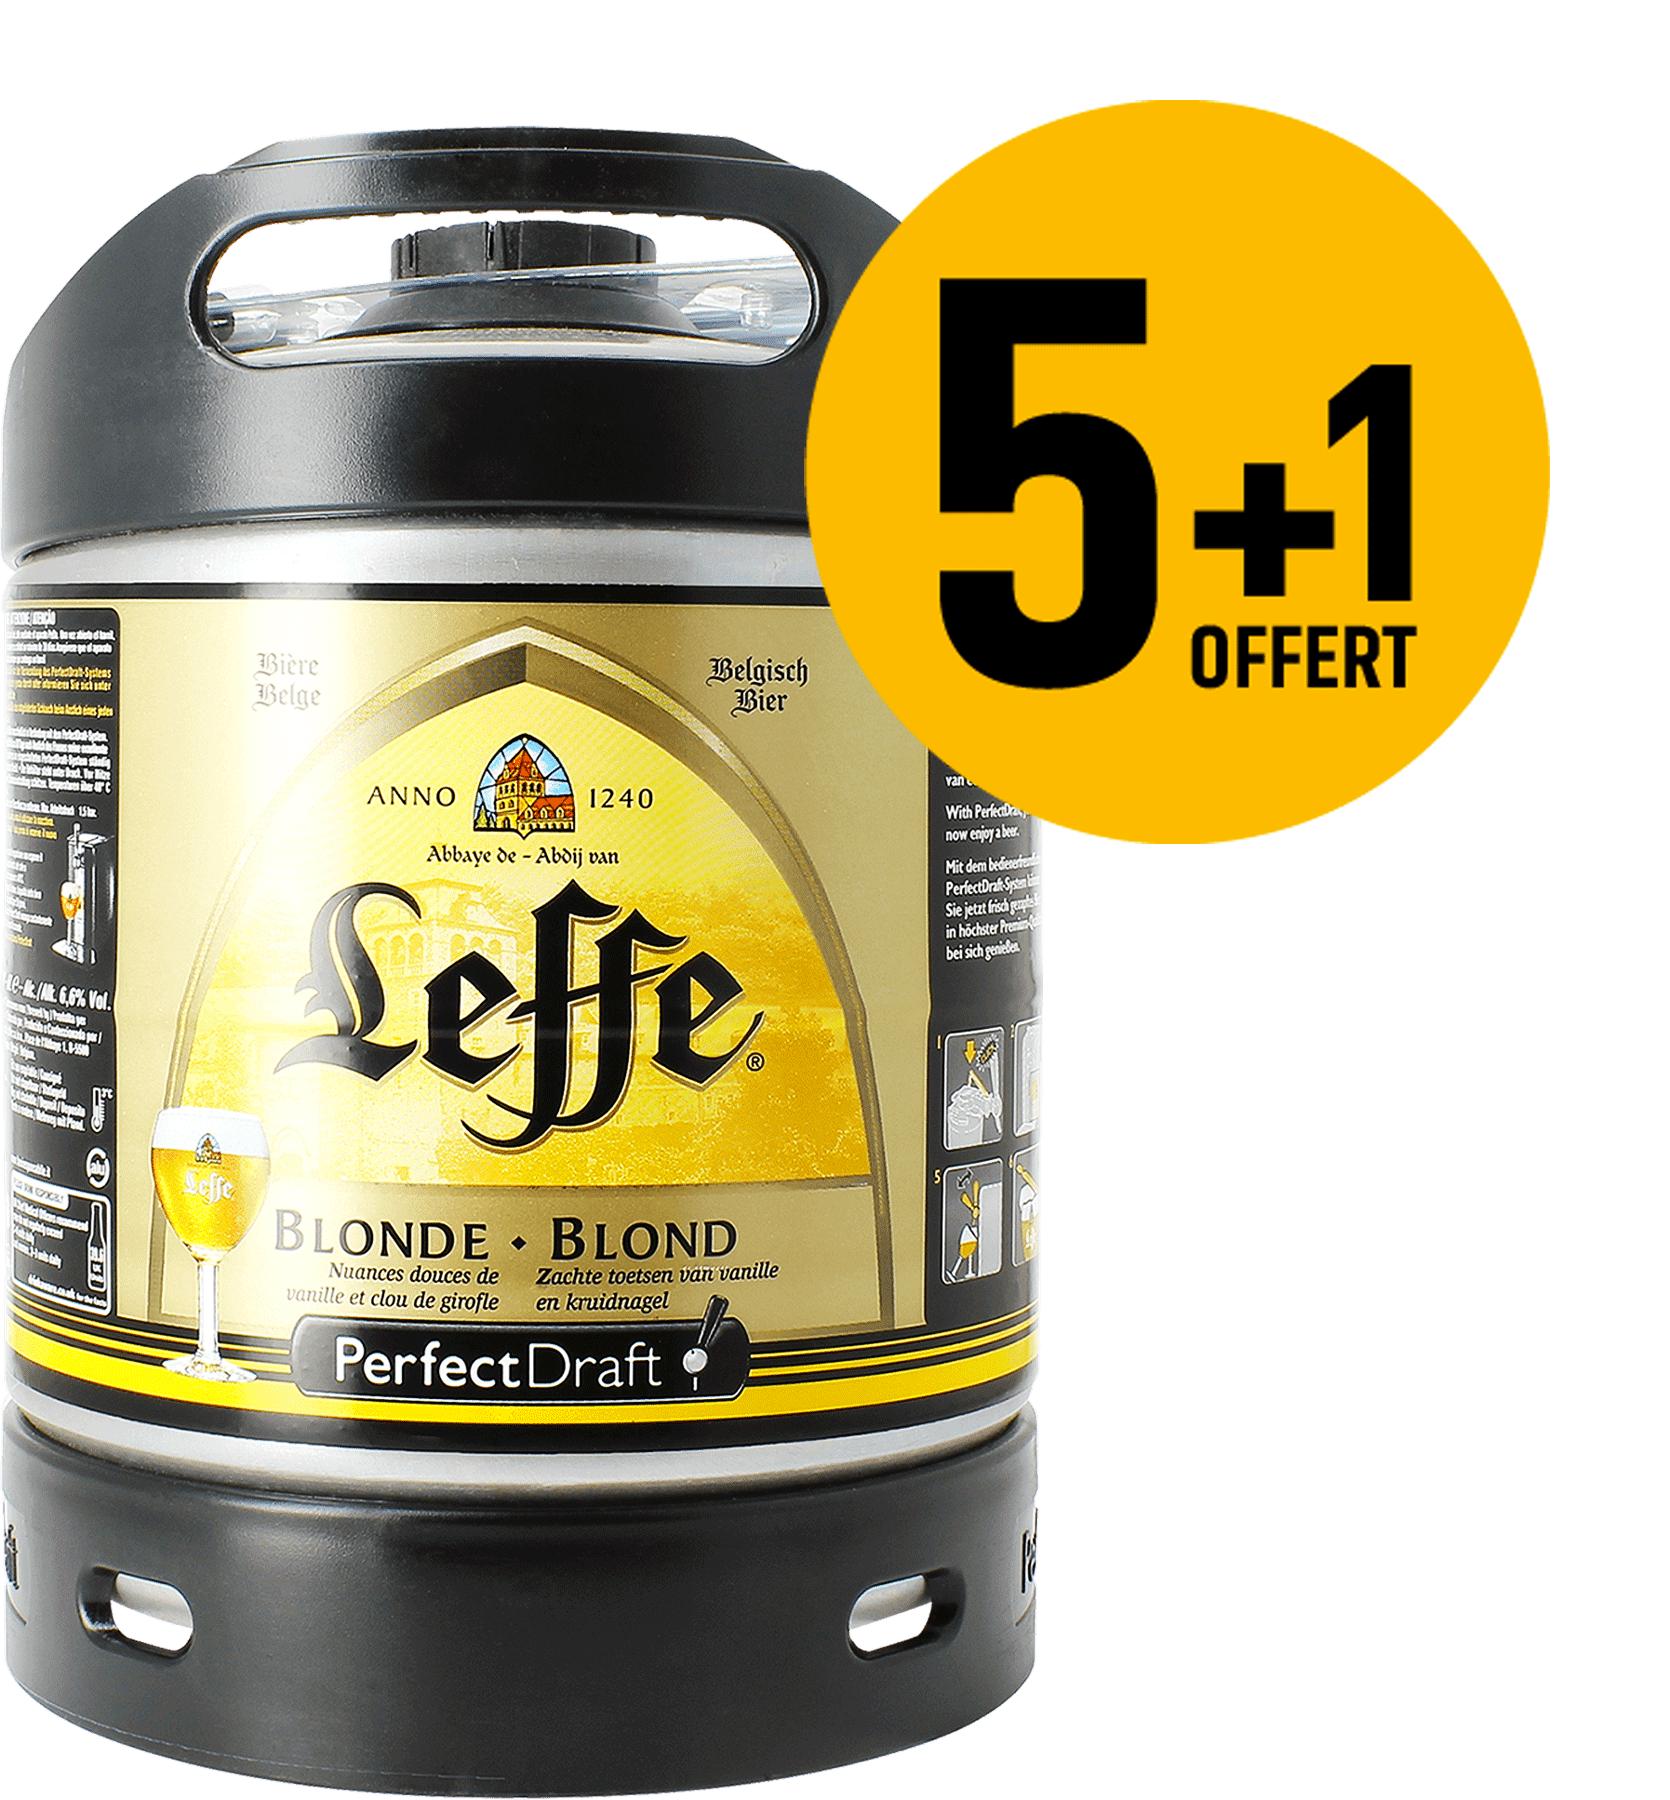 Leffe Blonde barril 6l. PerfectDraft - 5+1 GRATIS!